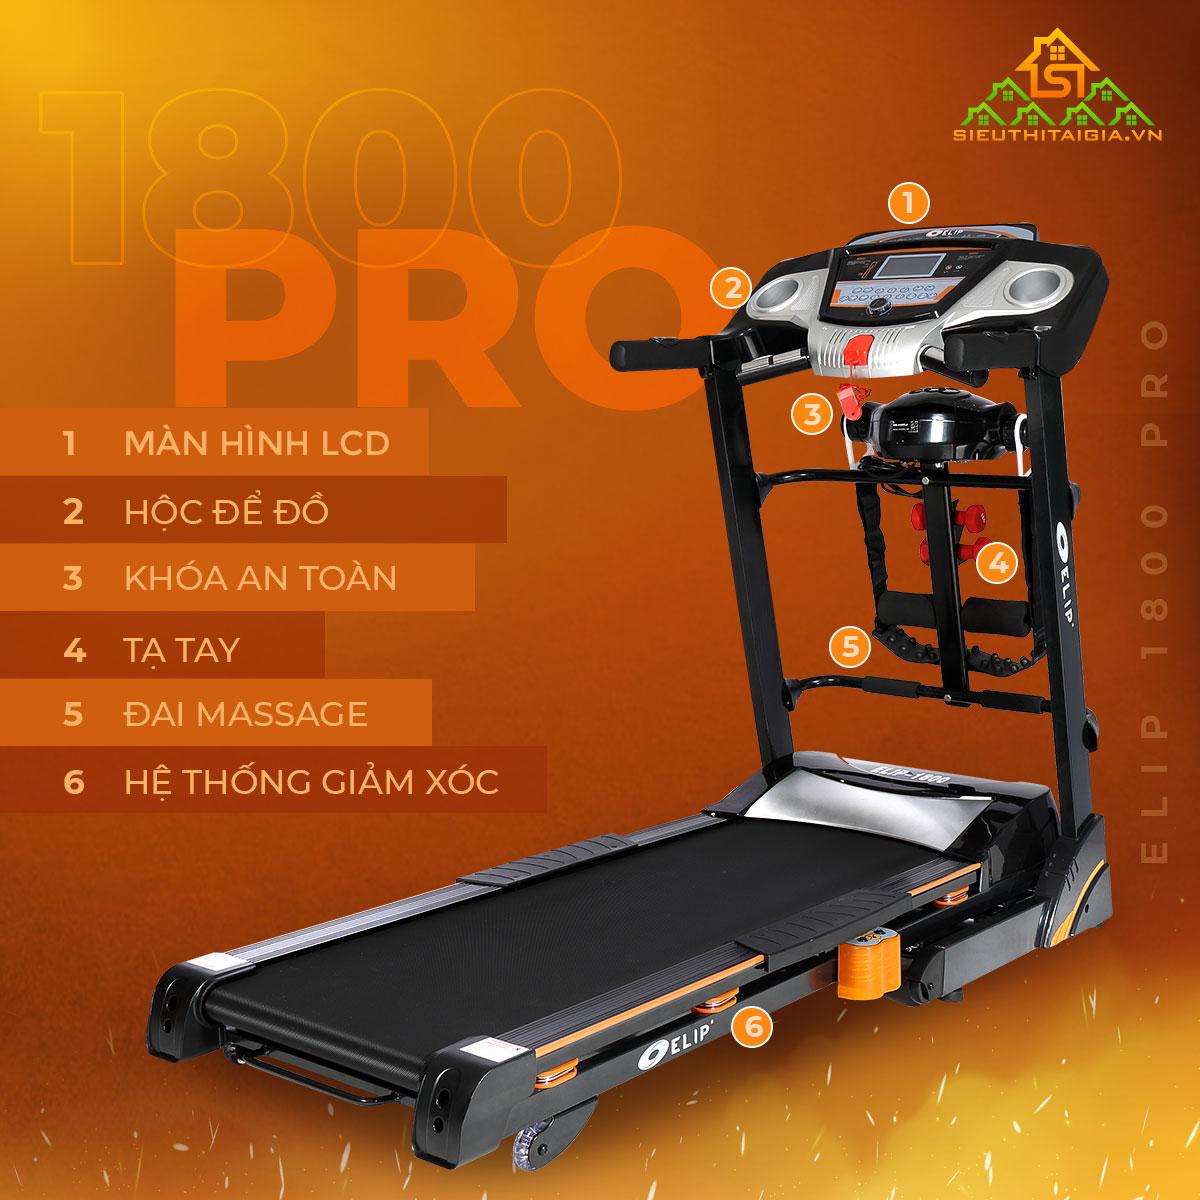 Máy chạy bộ đa năng ELIP 1800 Pro